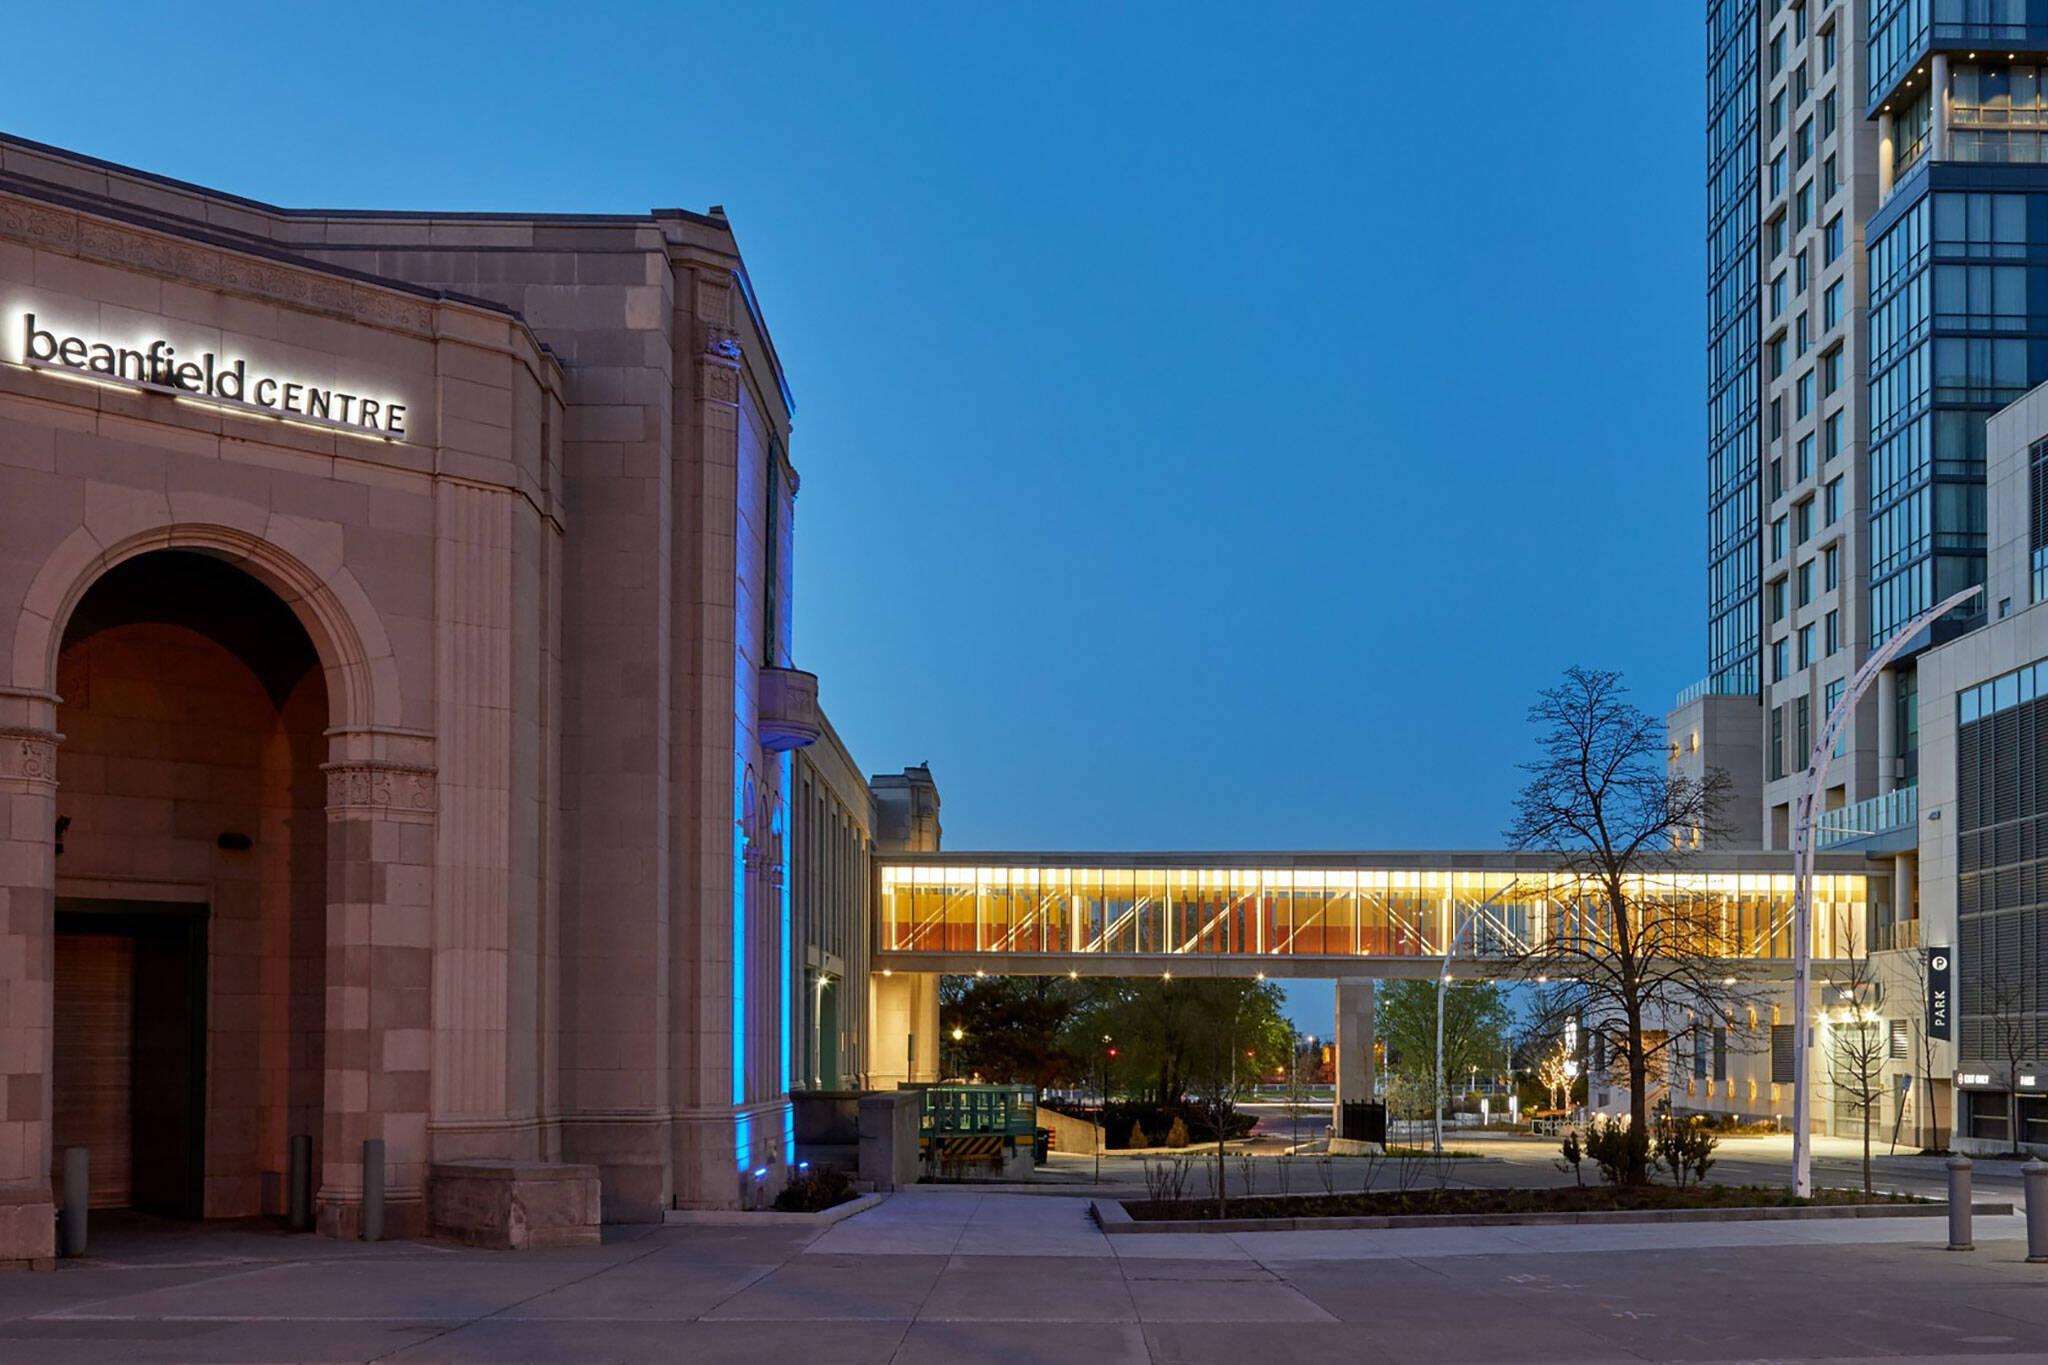 Hotel X bridge exhibition place